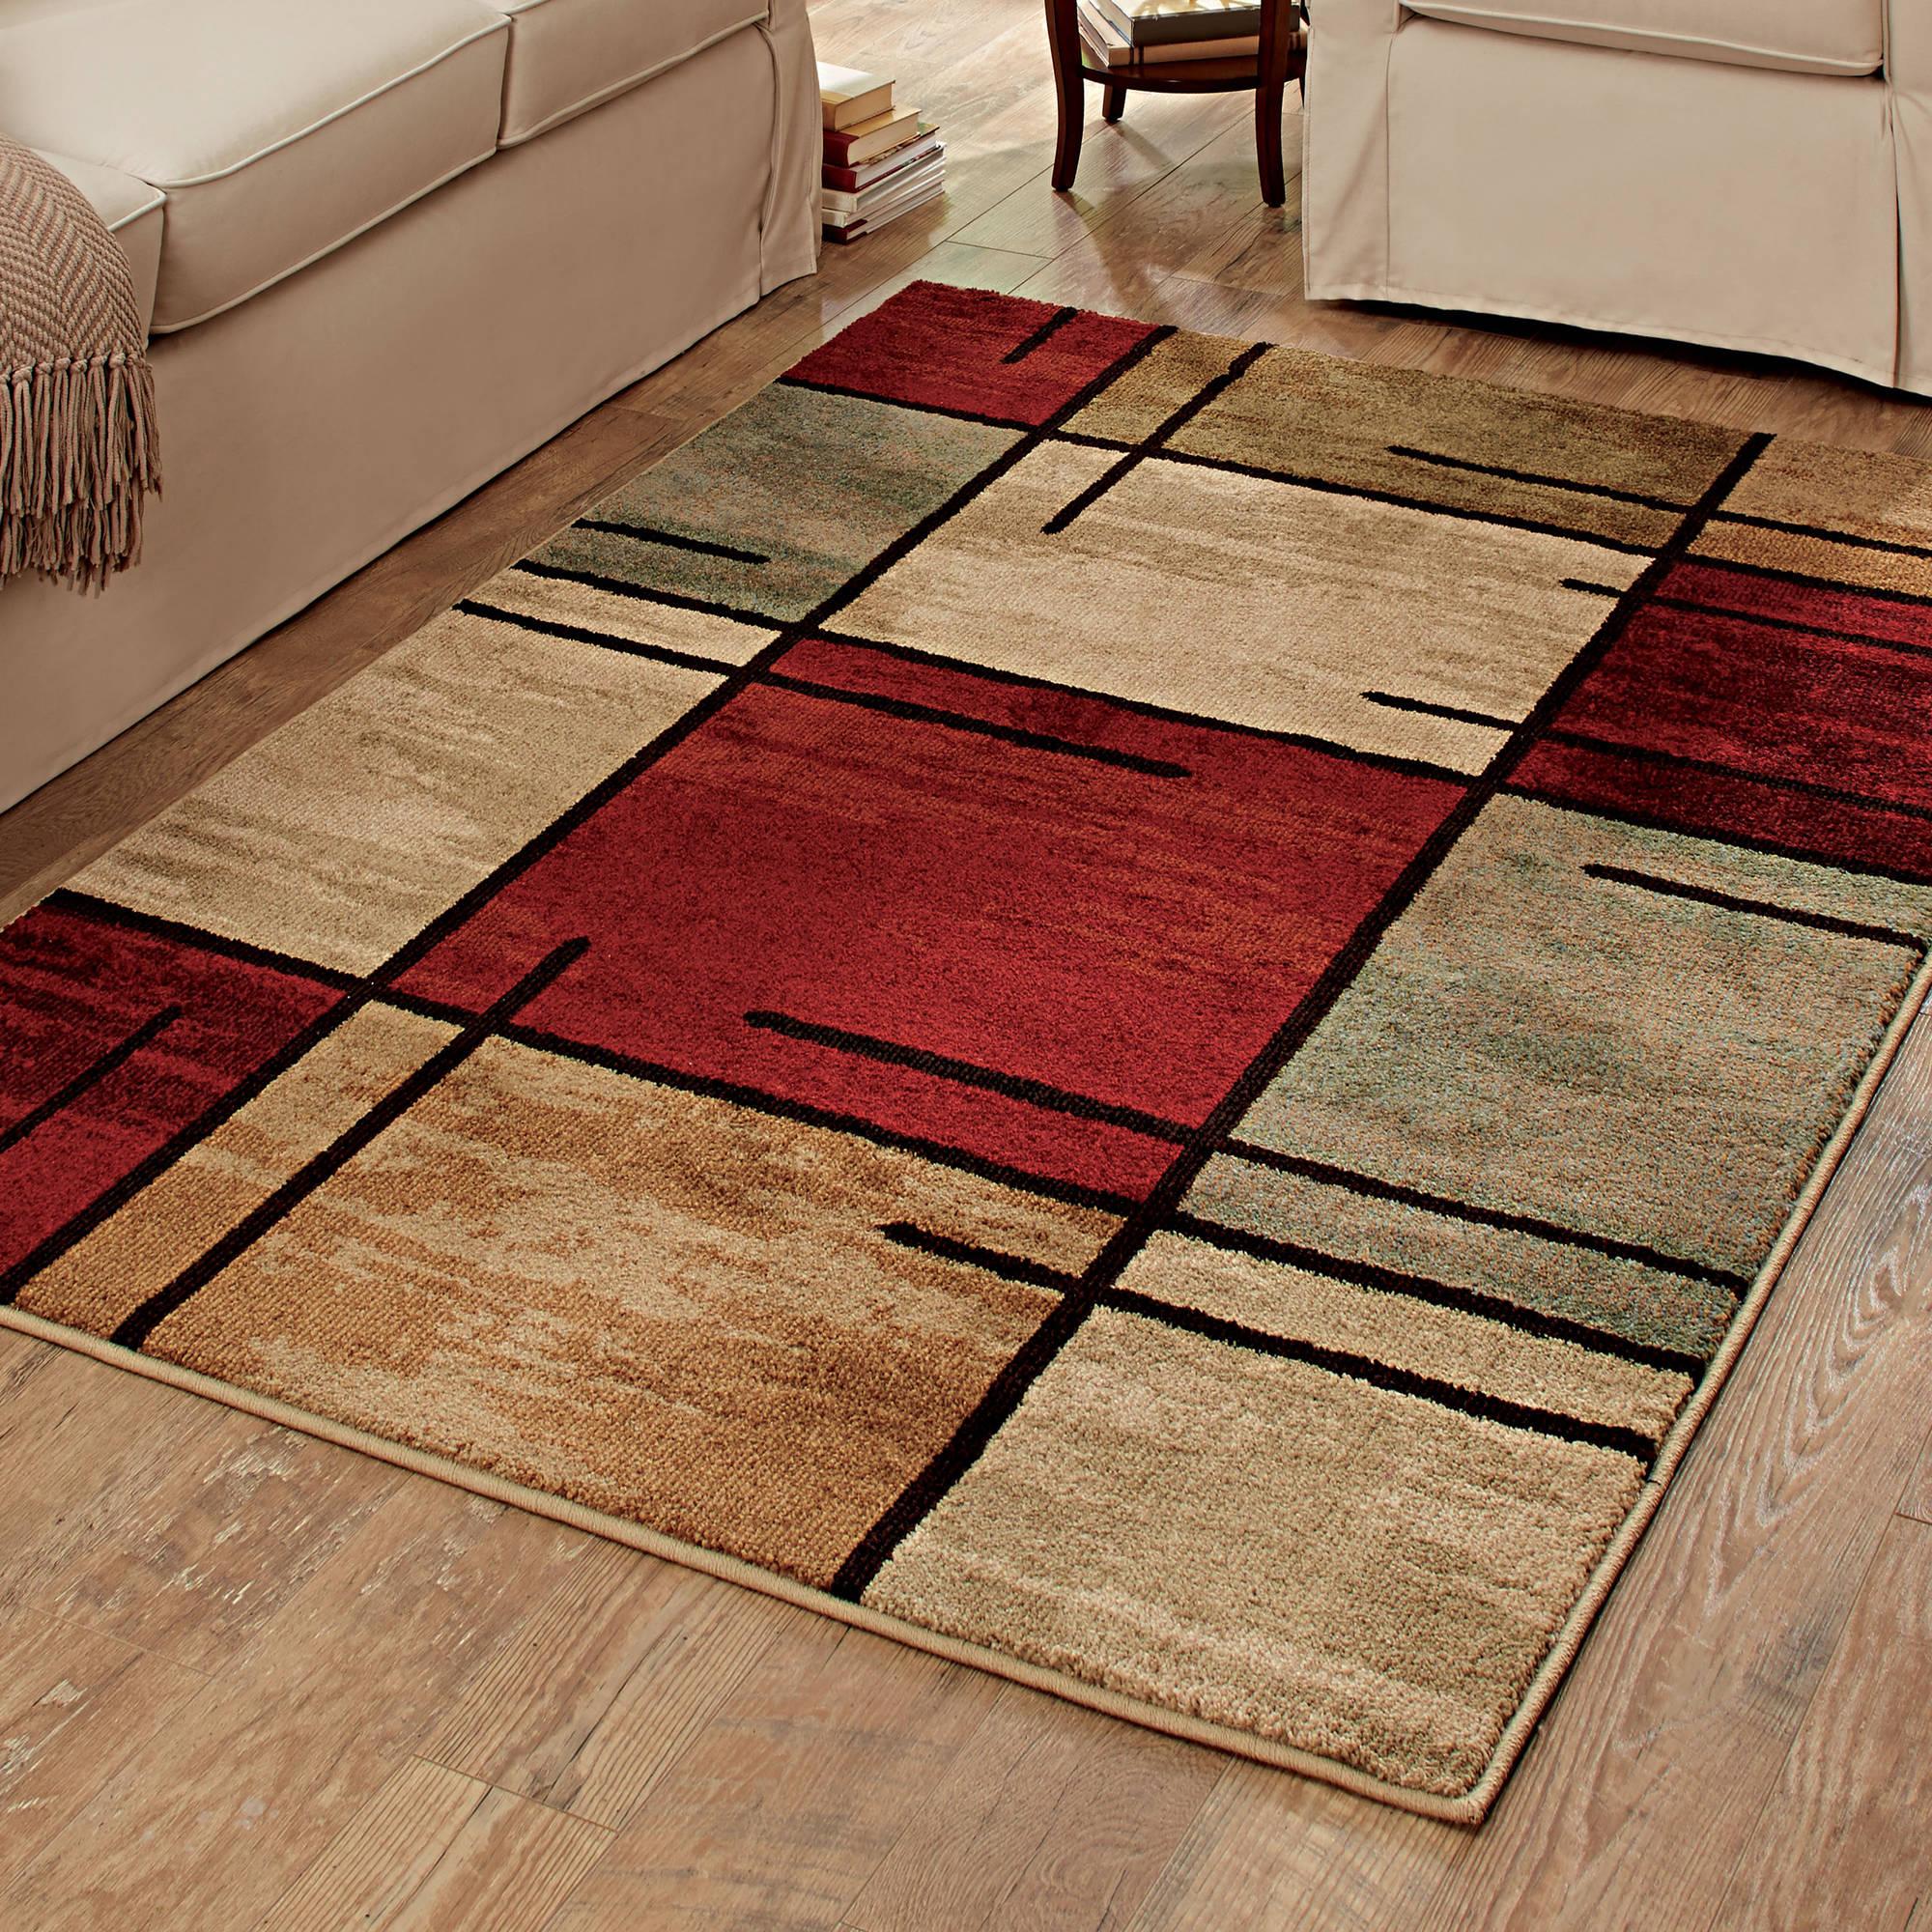 Rug carpet area rugs CPSQBGN